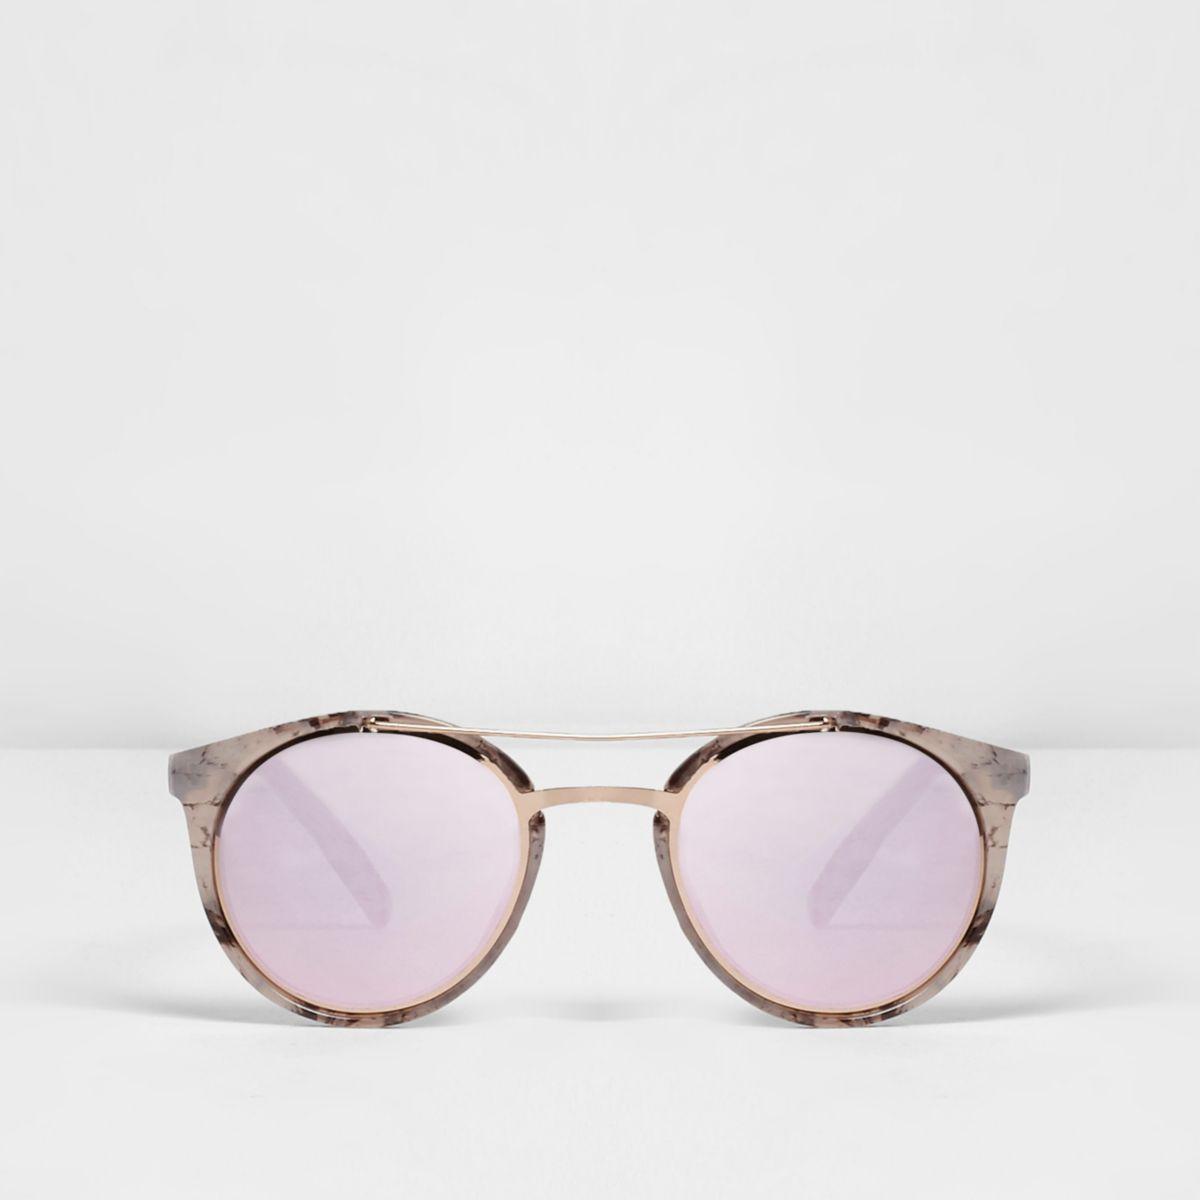 White marble mirror lenses sunglasses